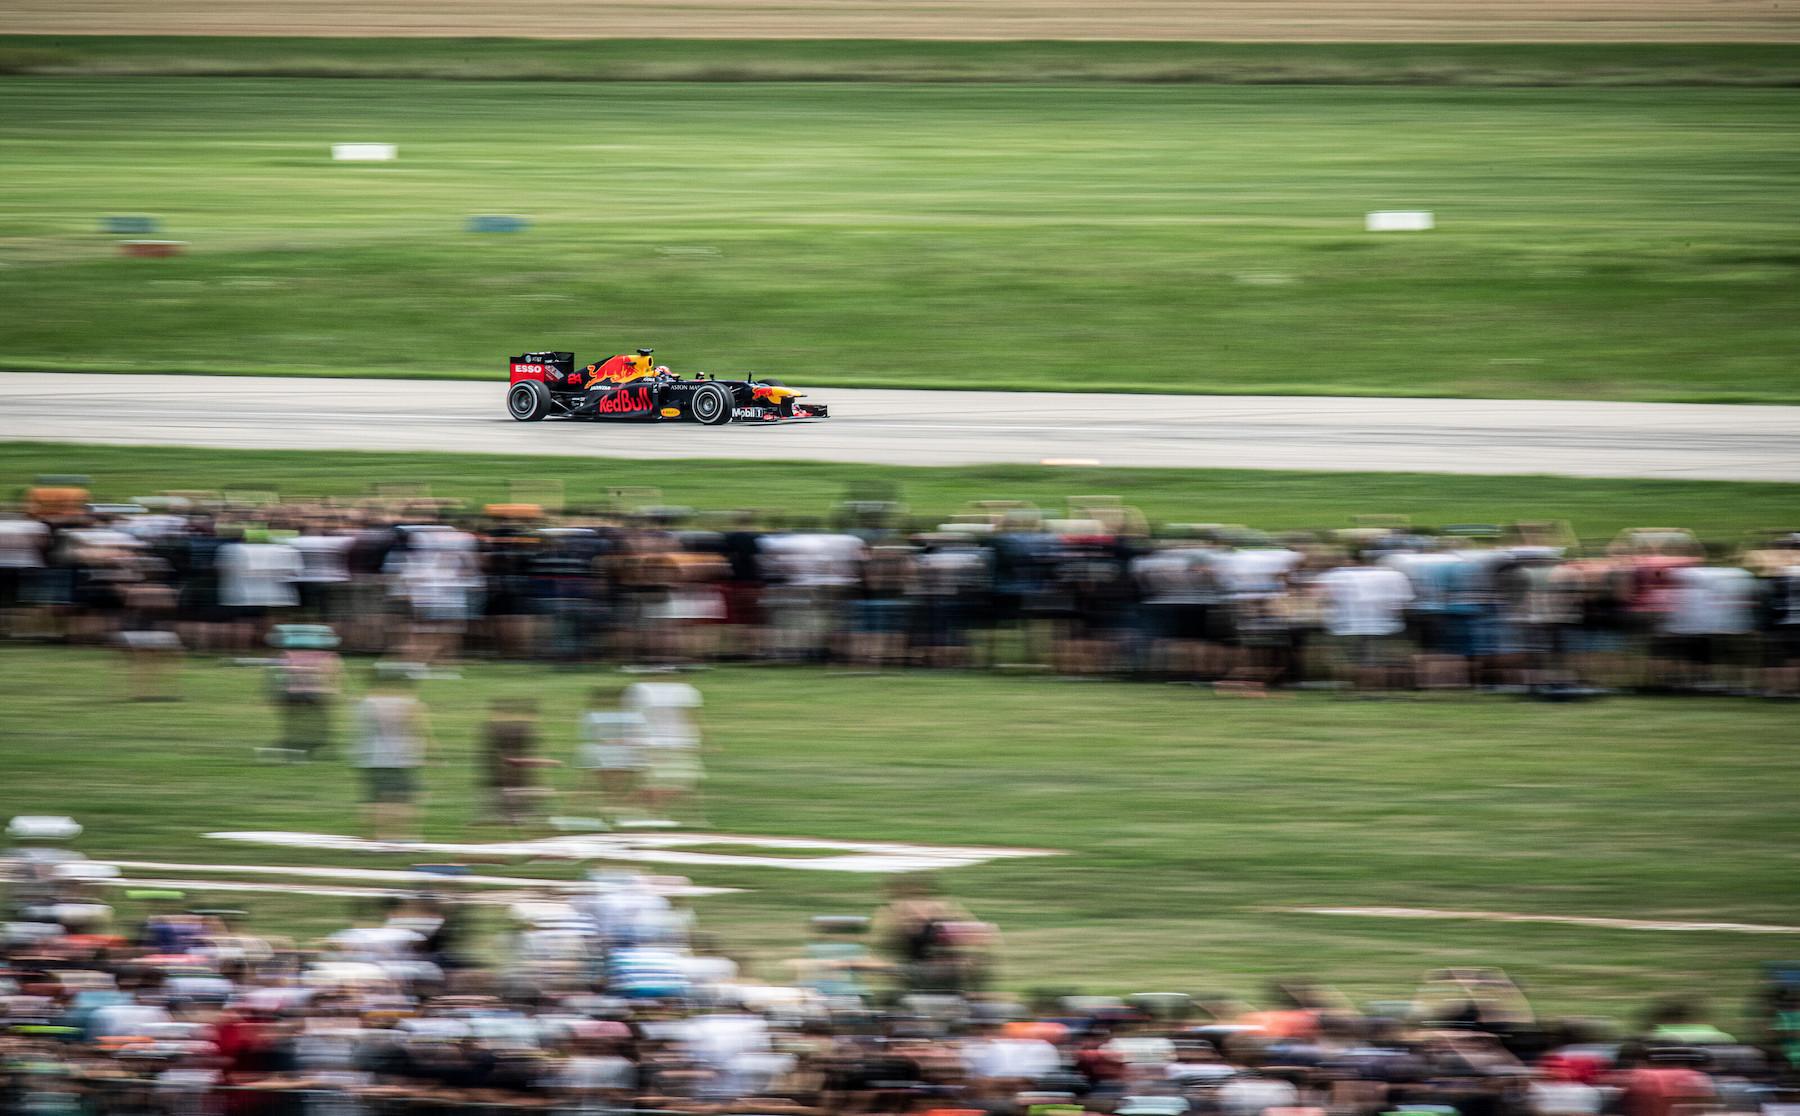 2019 Red Bull at Switzerland 7.jpg